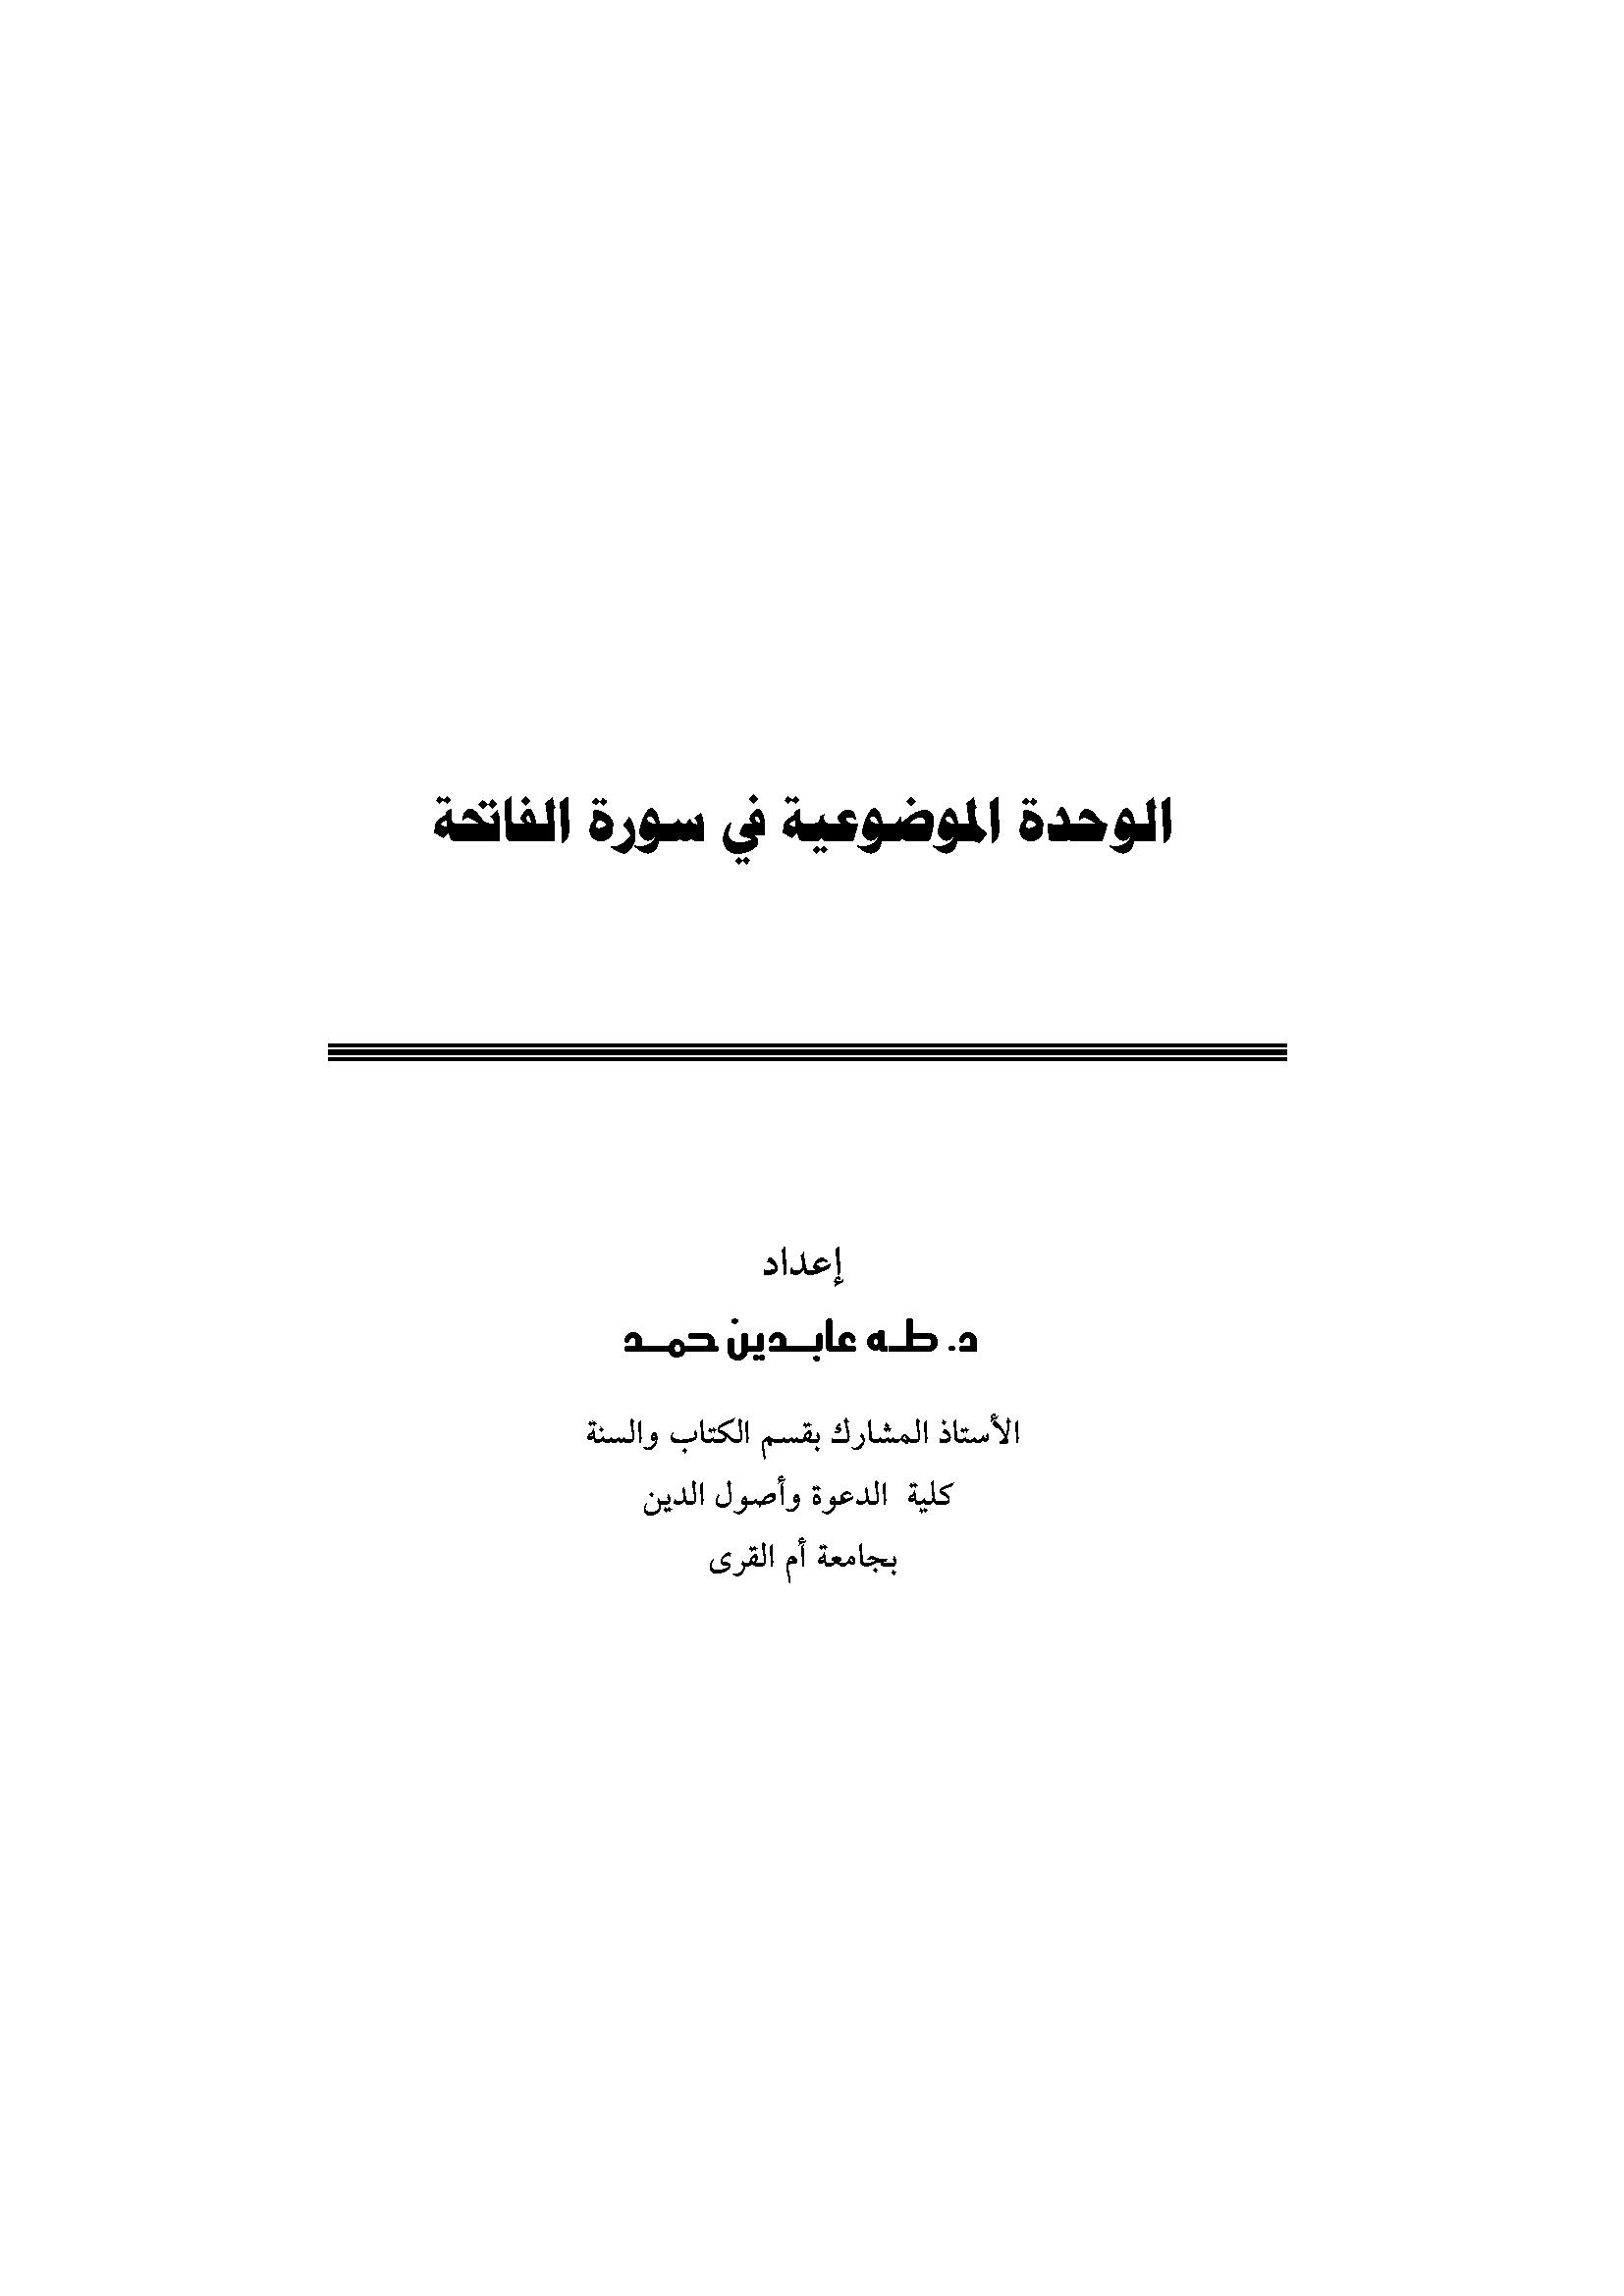 تحميل كتاب الوحدة الموضوعية في سورة الفاتحة لـِ: الدكتور طه عابدين طه حمد